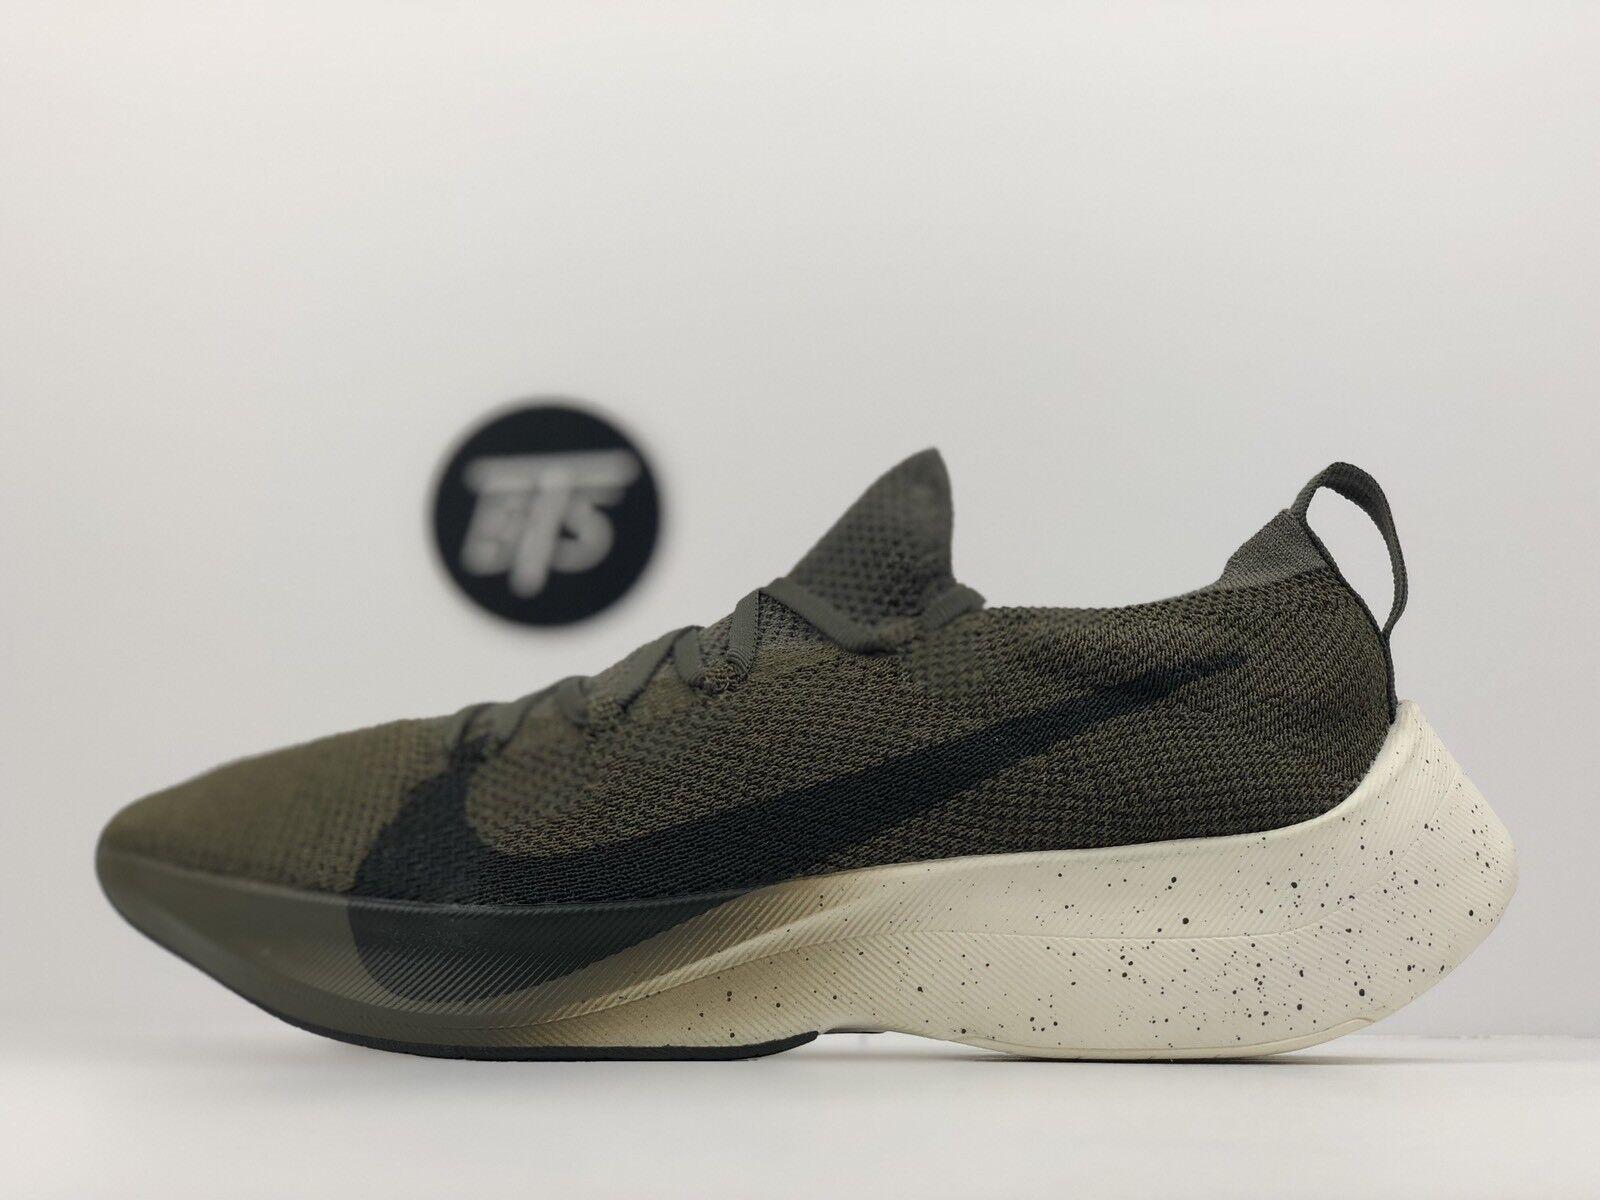 Nike filiale sfb campo 8 stivali di pelle coyote 688974 220 uomo numero 7